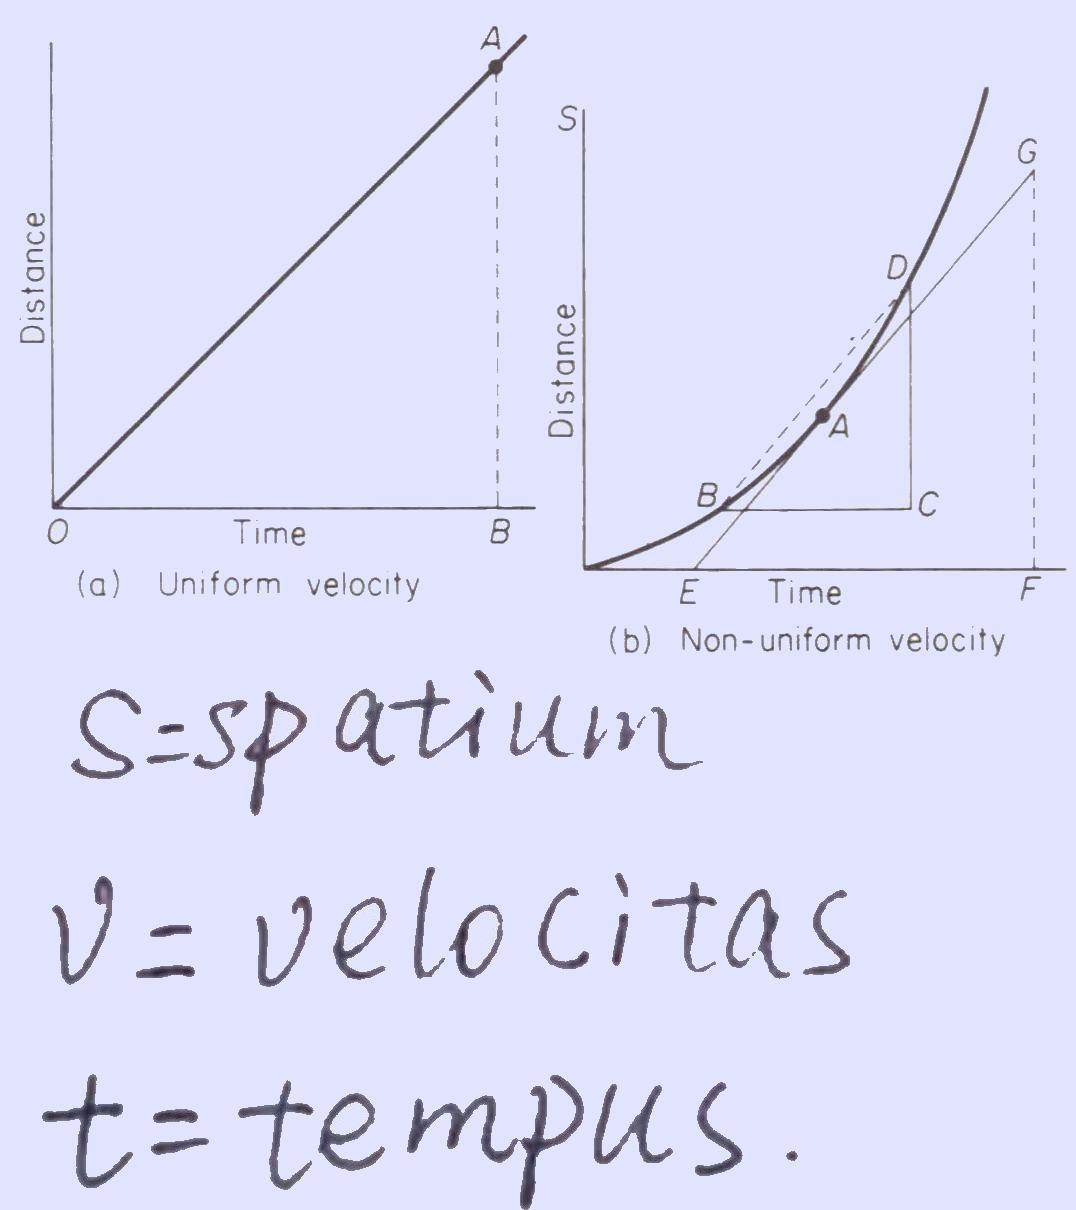 *** Расстояние - скорость - время | Spatium - velocitas - tempus | Span - velocity - time ***